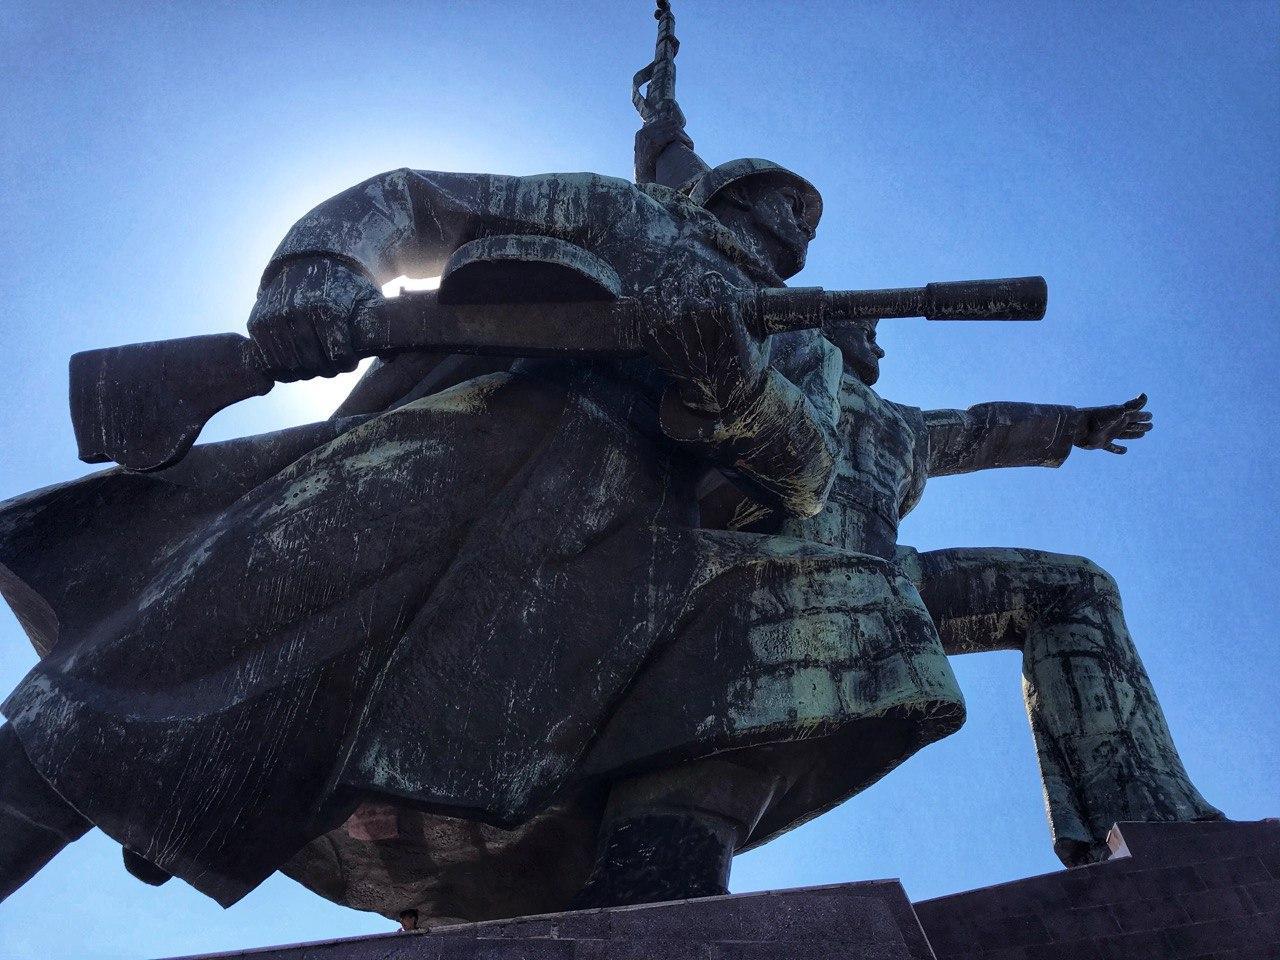 Памятник матросу и солдату, г. Севастополь. Высота монумента 40 метров